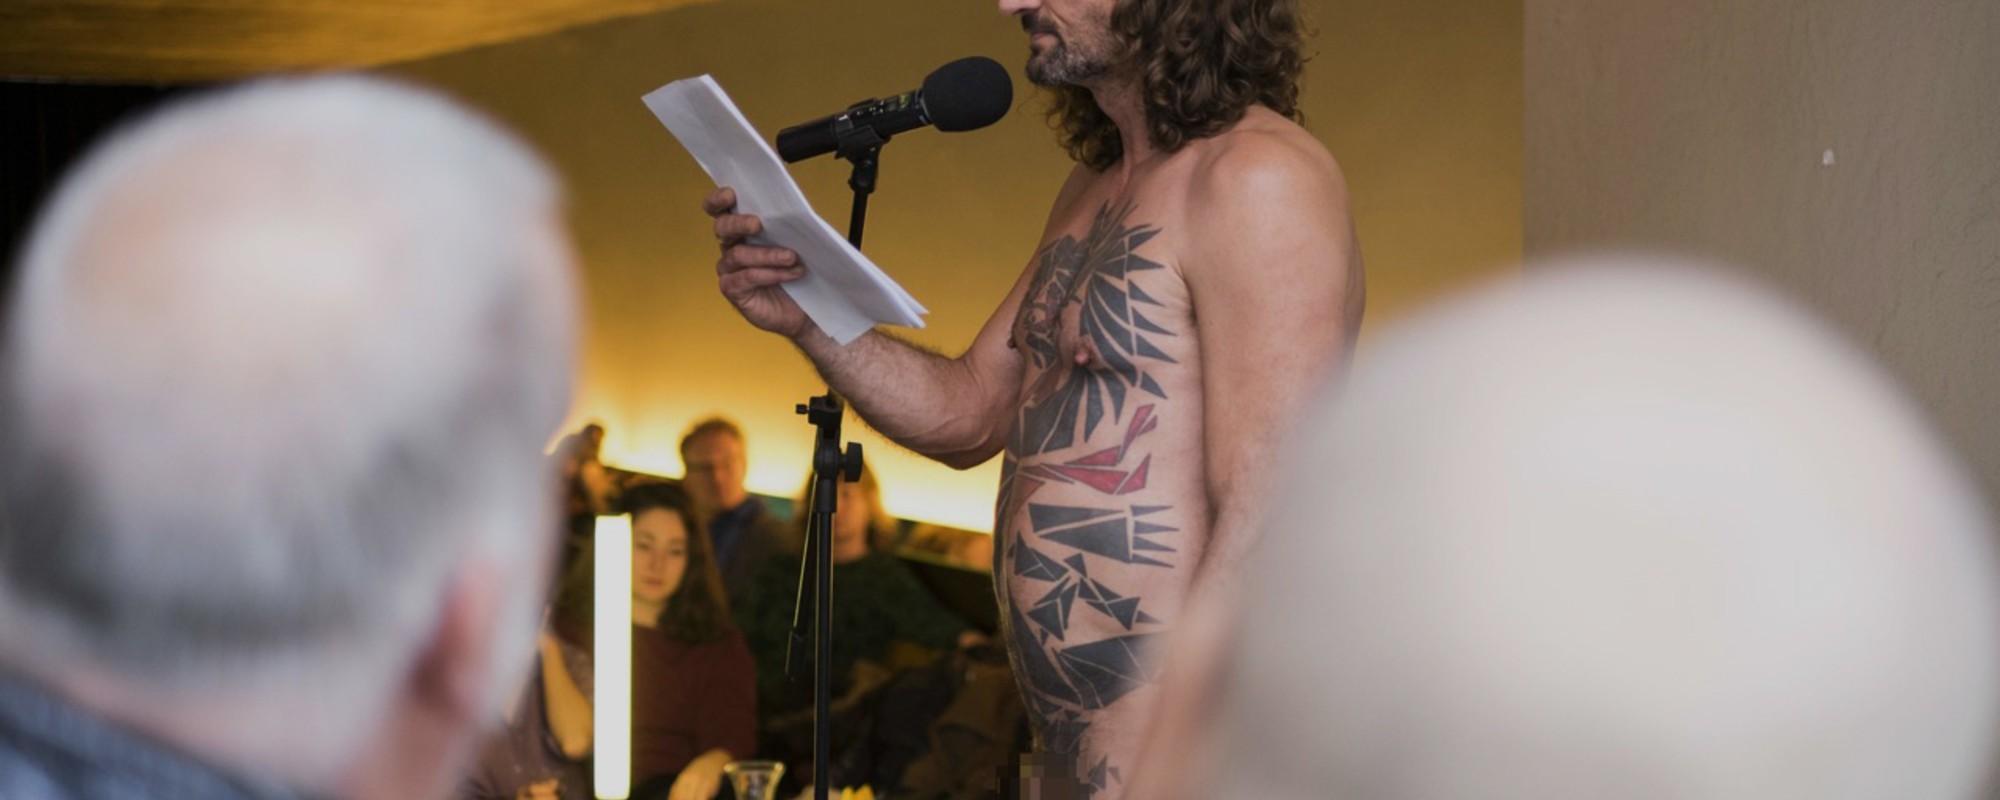 Fotos von Nackten, die an einem Zürcher Brunch vorlesen